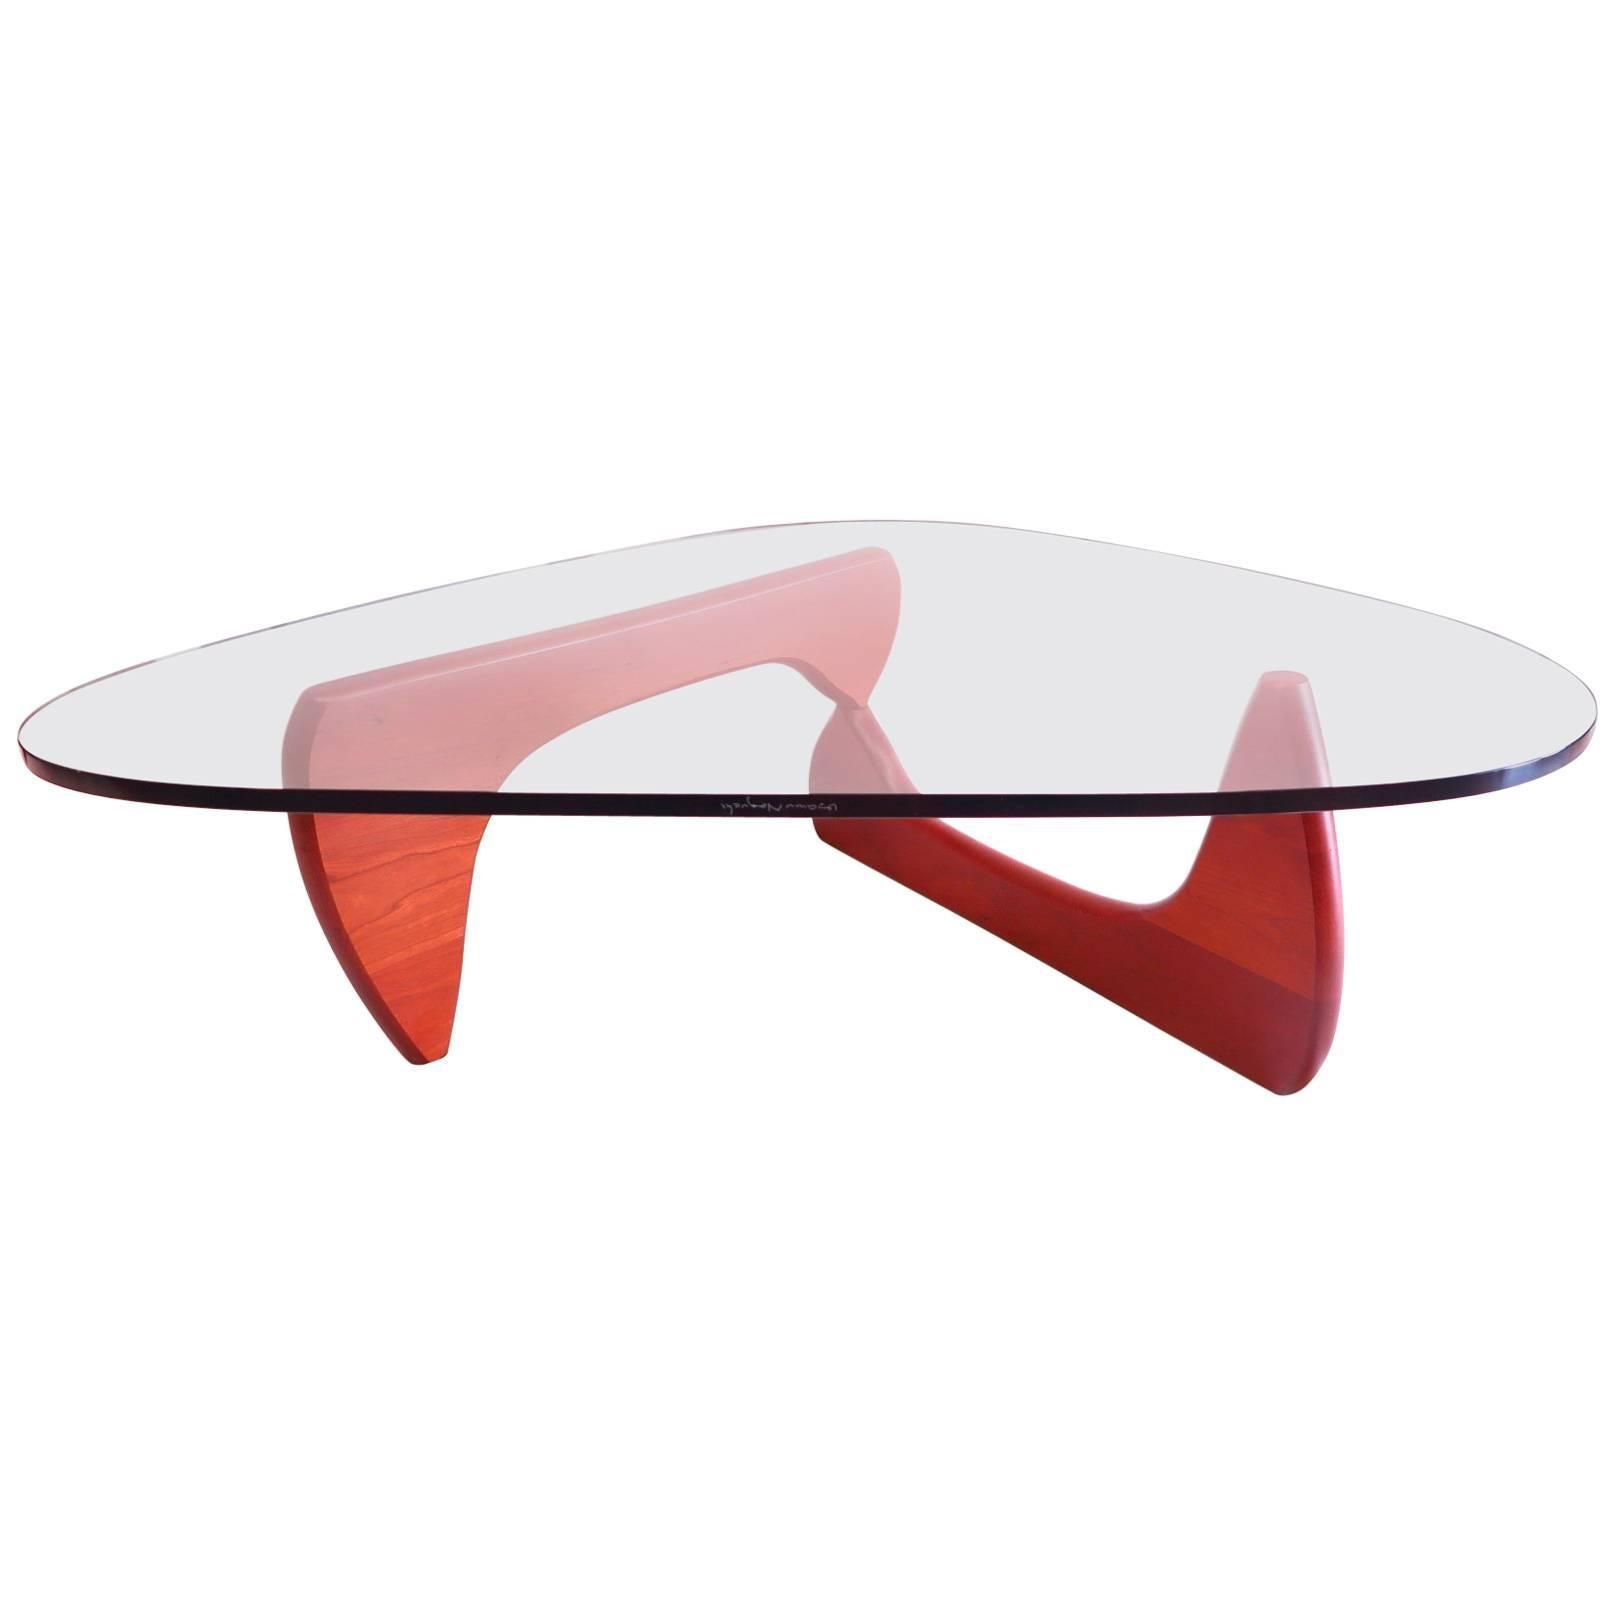 Isamu Noguchi Coffee Table Herman Miller Model IN 50